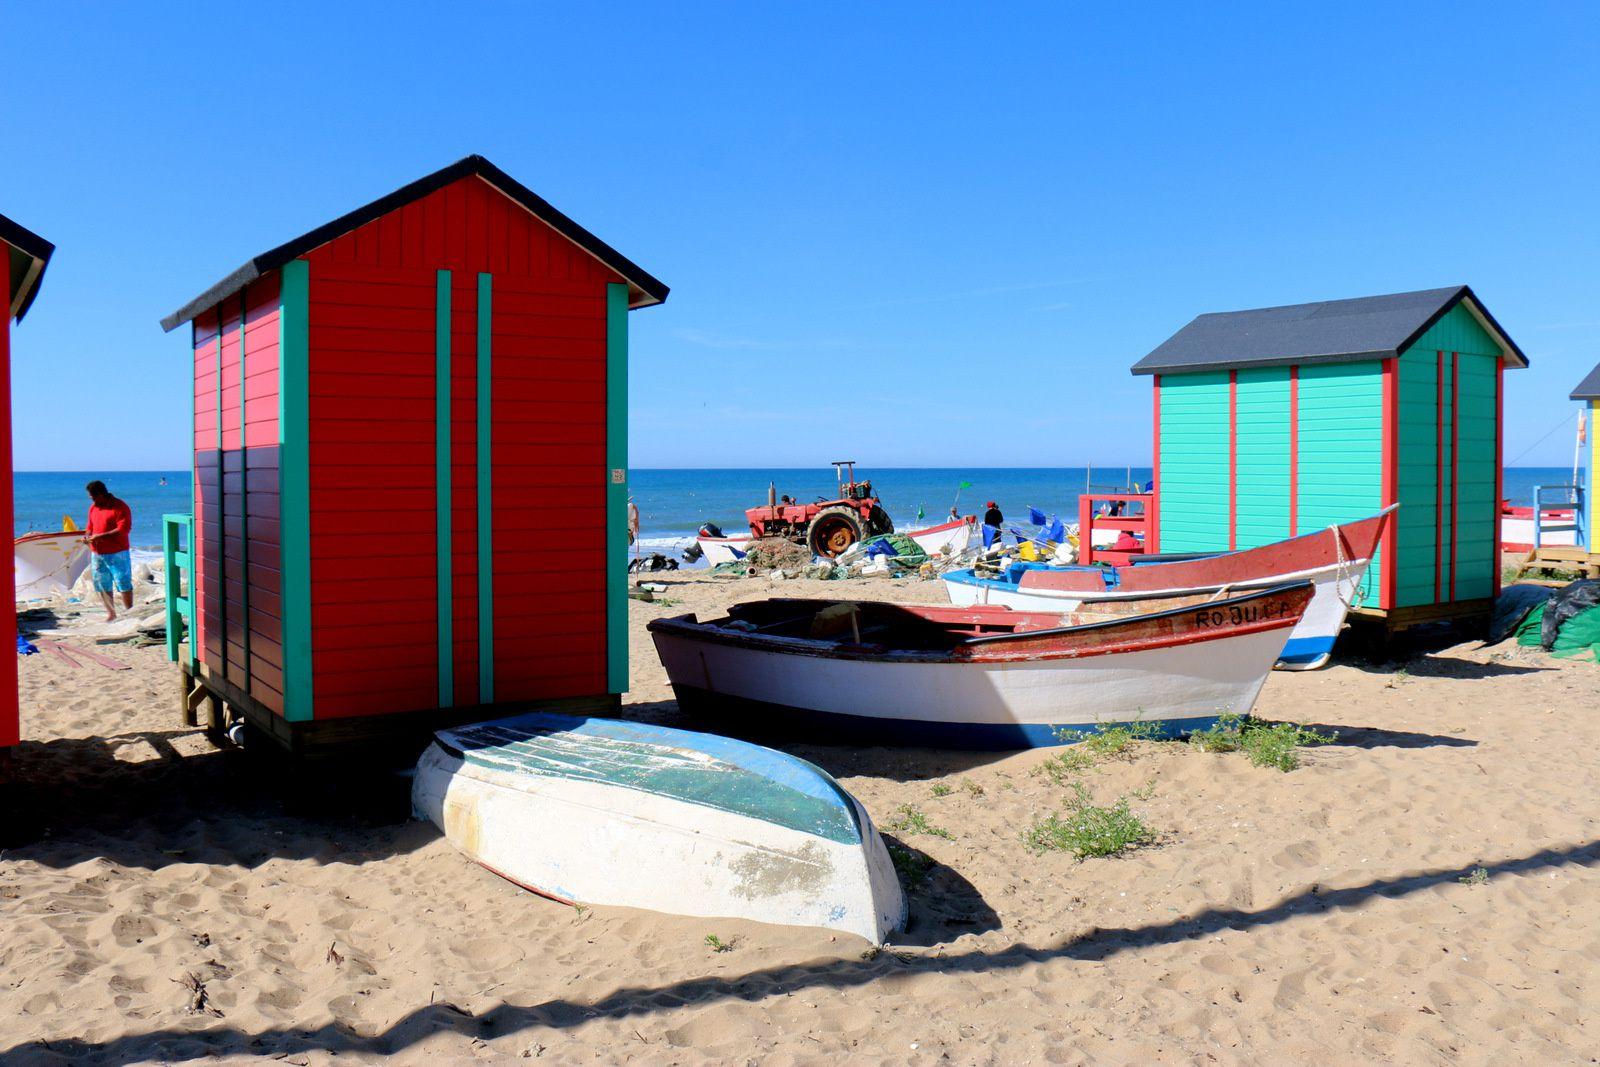 Le port d'Islantilla, Andalousie (Espagne)